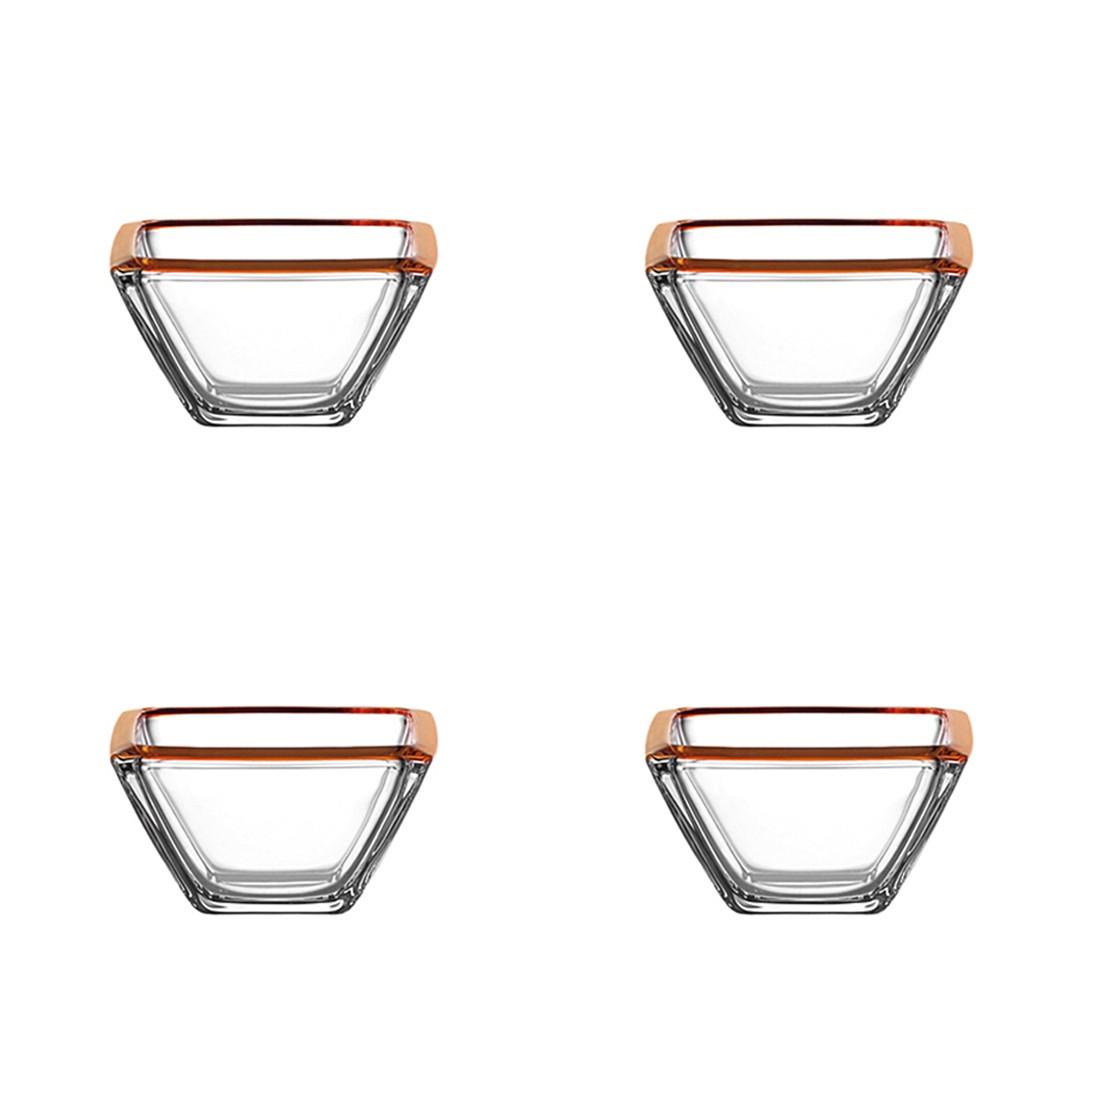 Schale Corner (4er-Set) – 12,5 cm – Orange, Leonardo jetzt bestellen